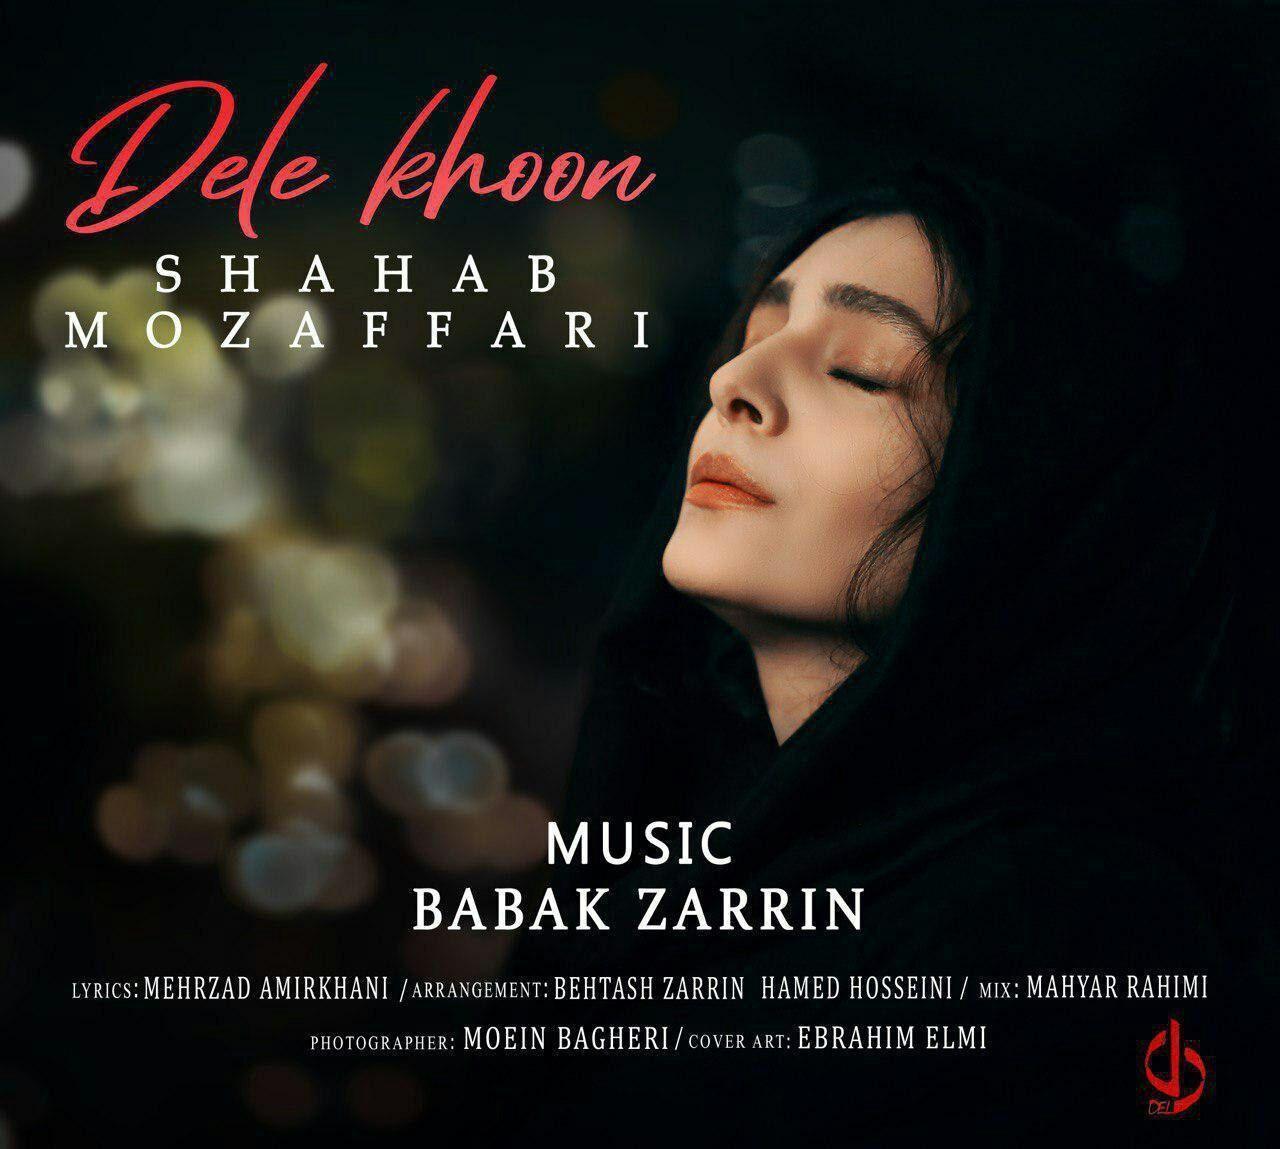 Shahab Mozaffari – Dele Khoon